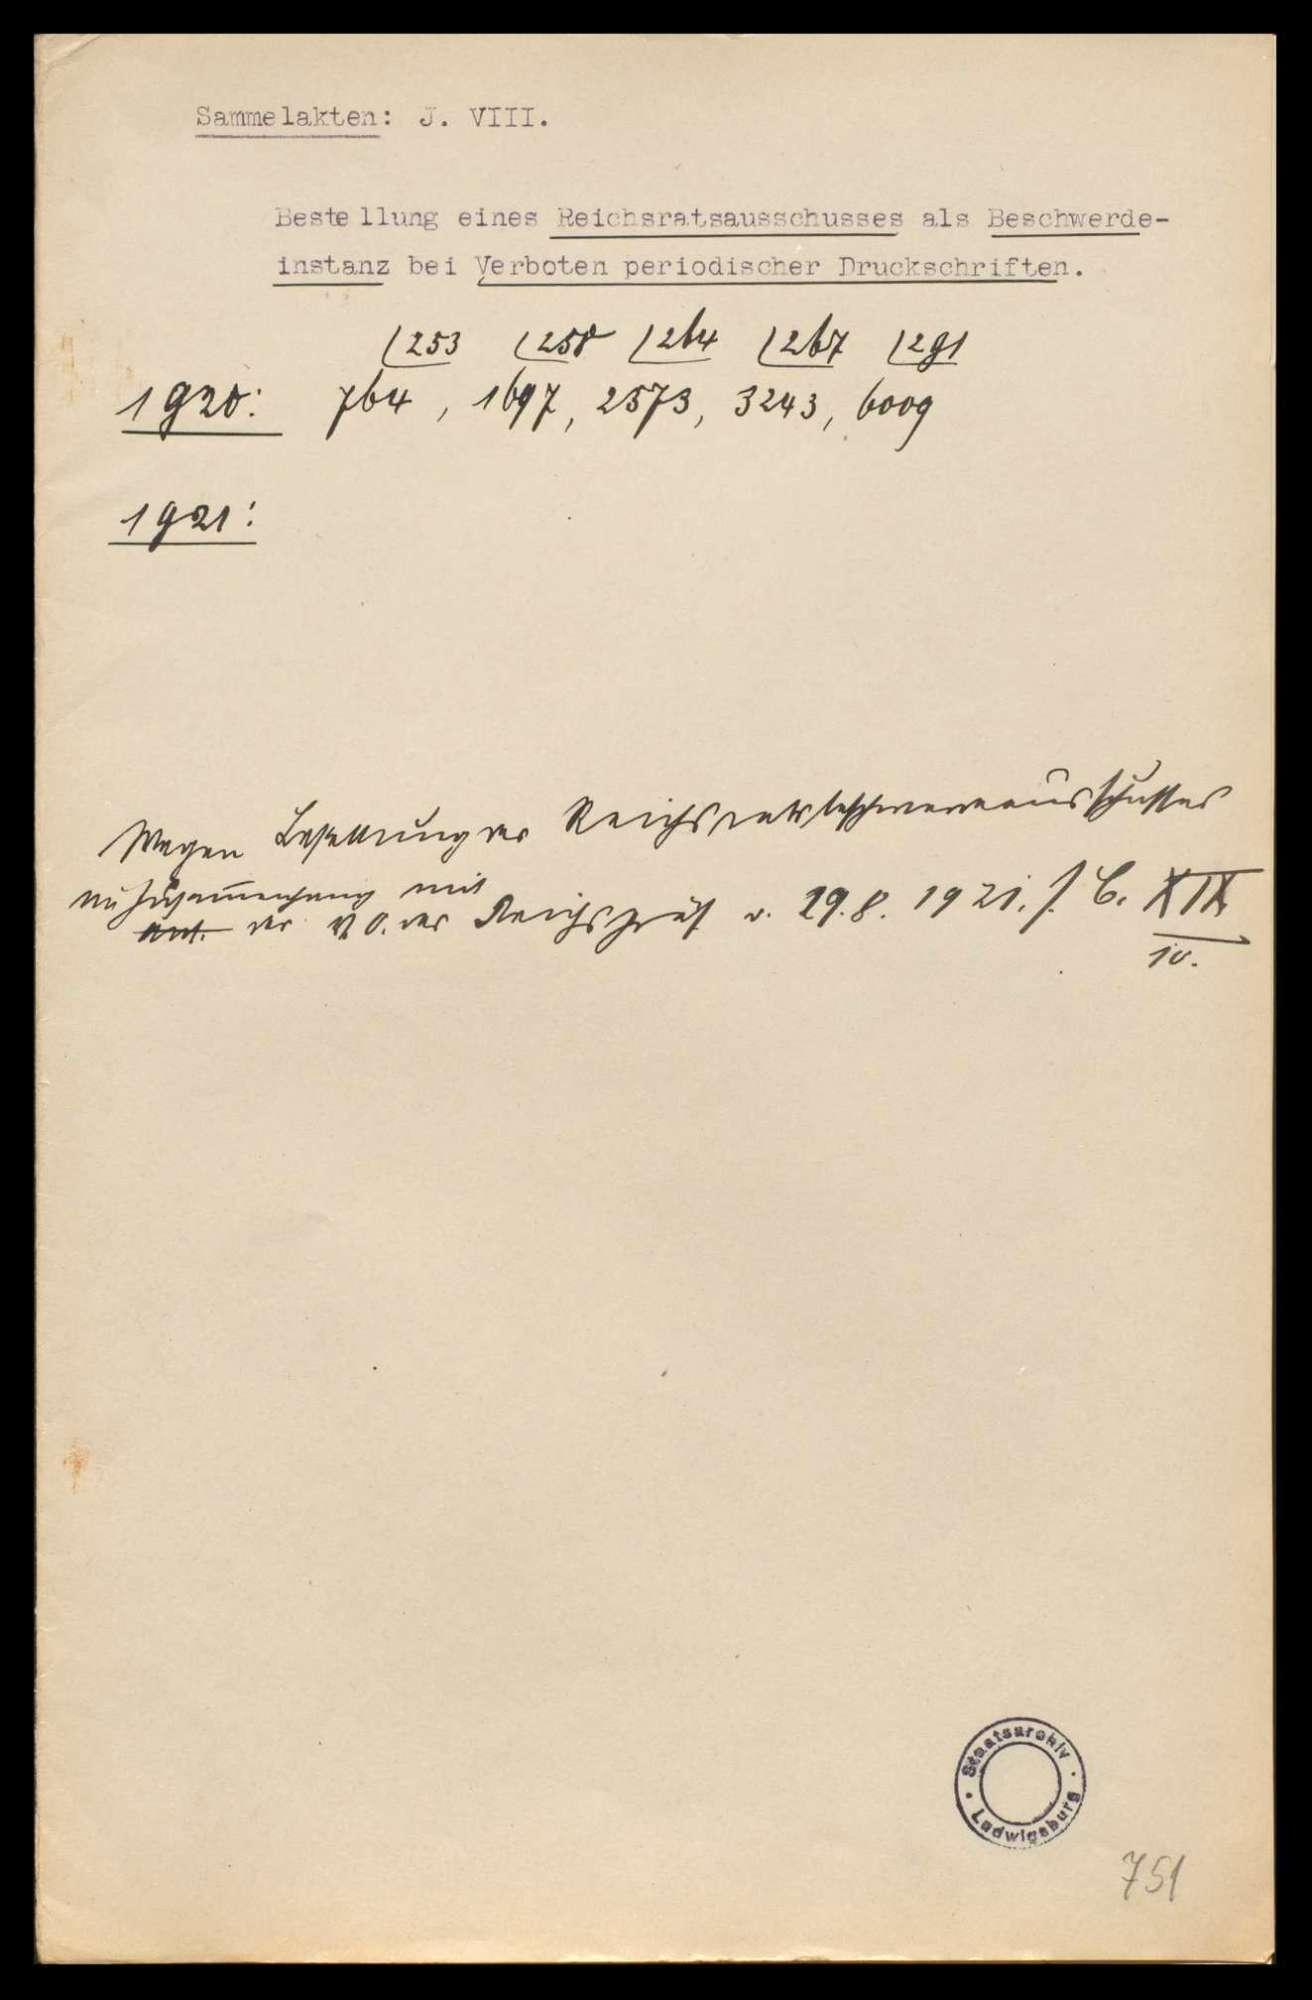 Bildung eines Reichsratsausschusses als Beschwerdeinstanz bei Verboten periodischer Druckschriften, Bild 1